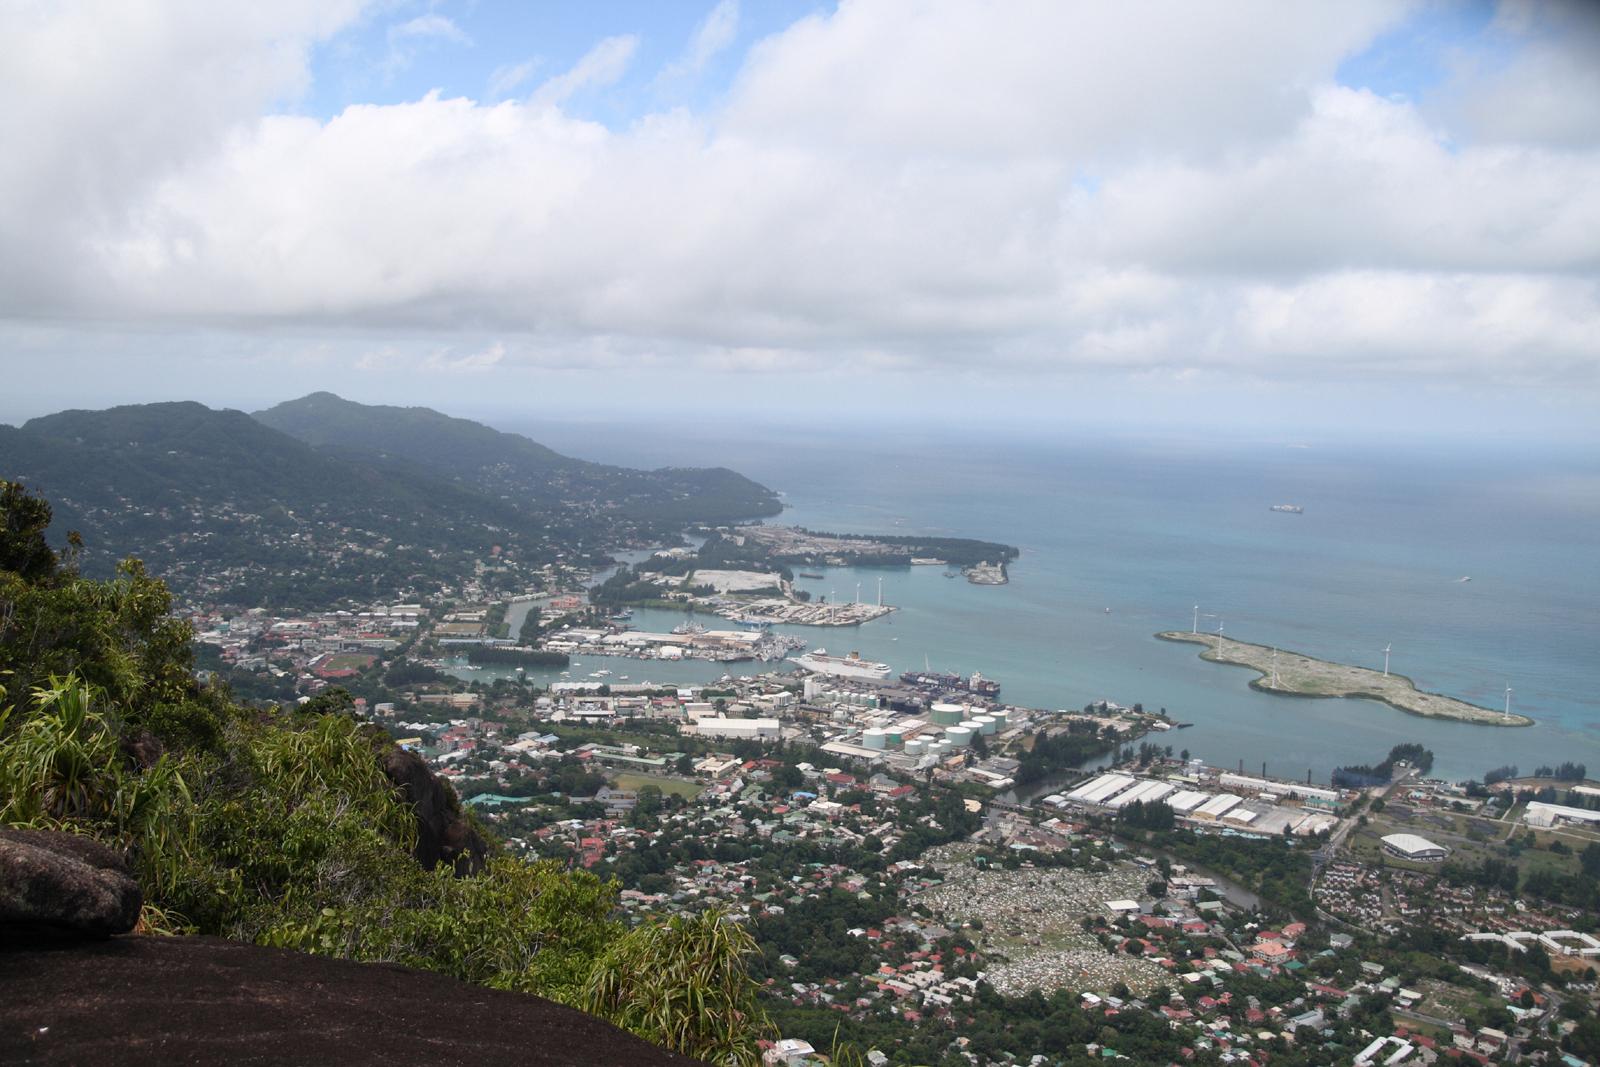 Egy hét alatt megduplázódott az aktív fertőzöttek száma a világ legátoltottabb országában, a Seychelle-szigeteken